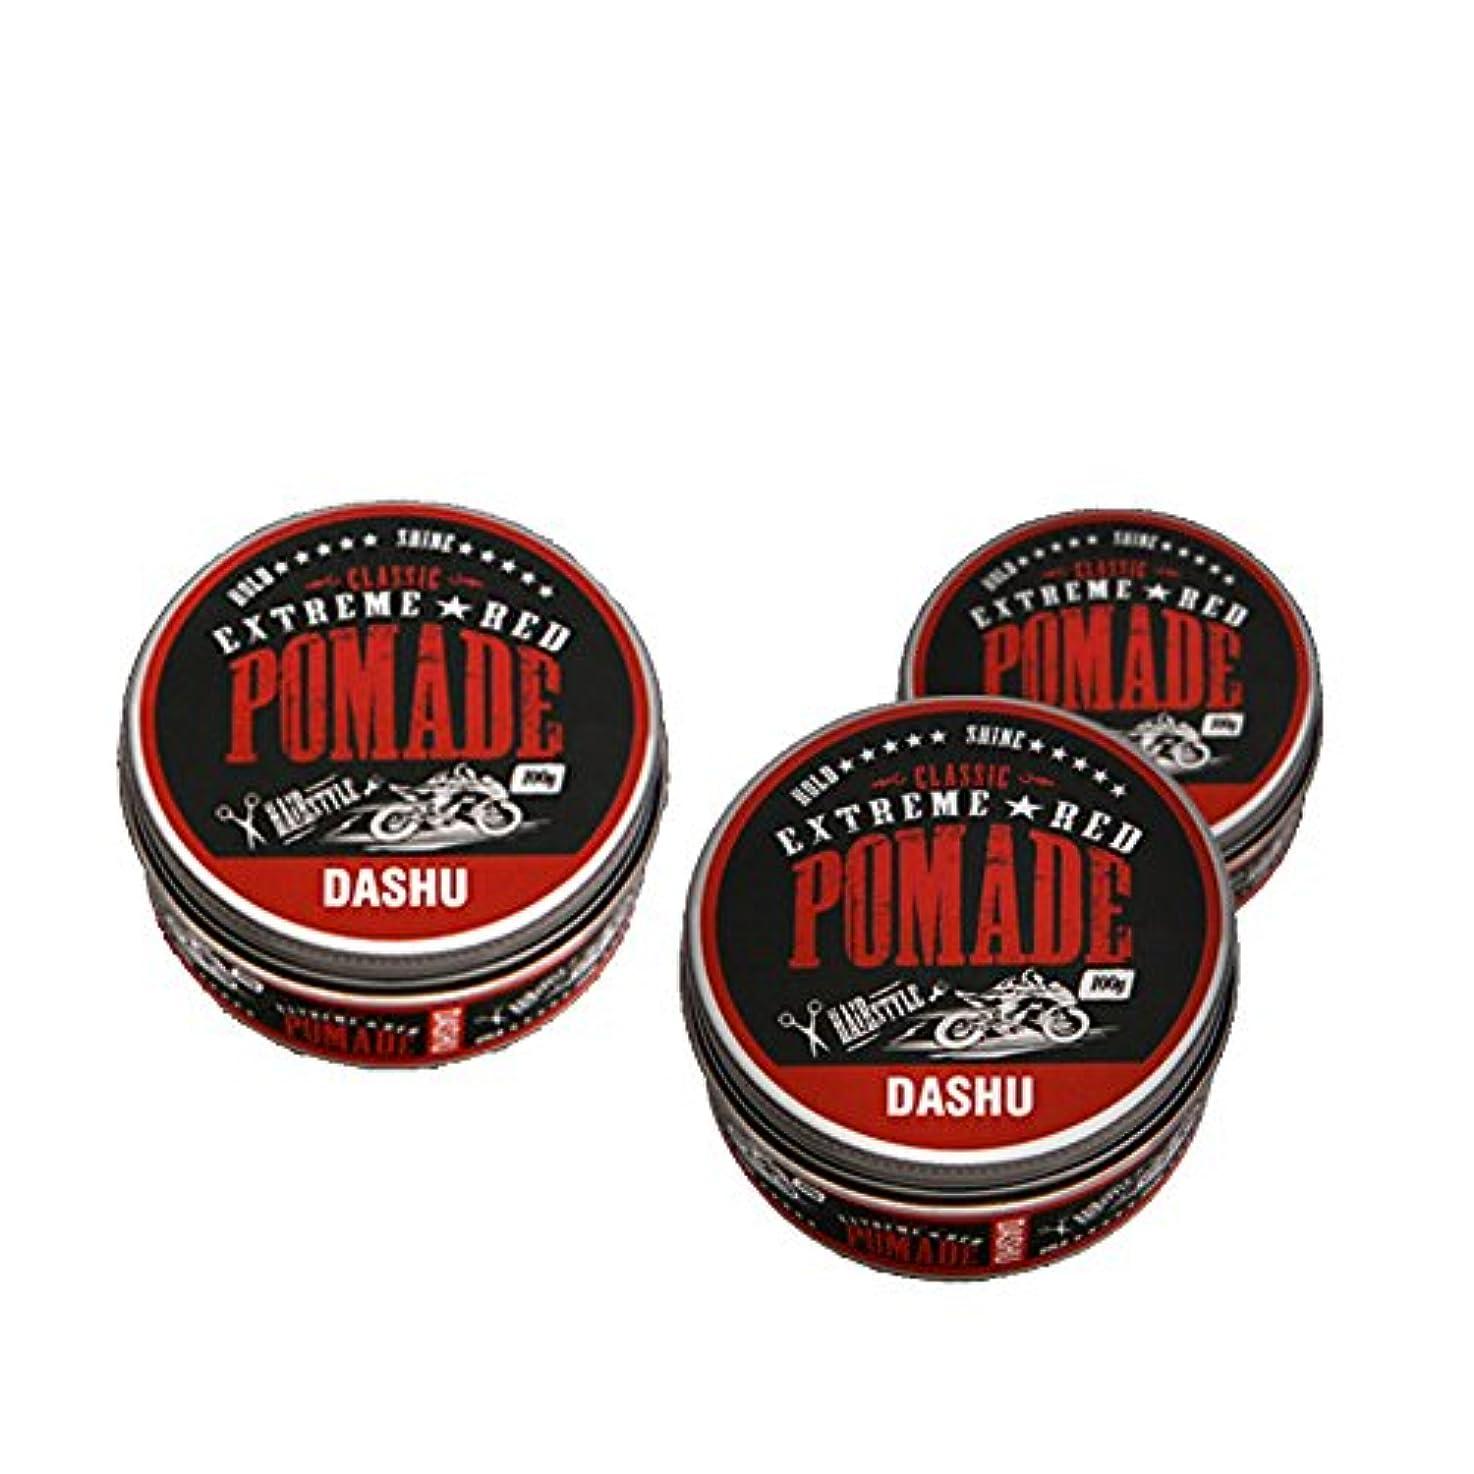 ファシズム希少性情熱(3個セット) x [DASHU] ダシュ クラシックエクストリームレッドポマード Classic Extreme Red Pomade Hair Wax 100ml / 韓国製 . 韓国直送品